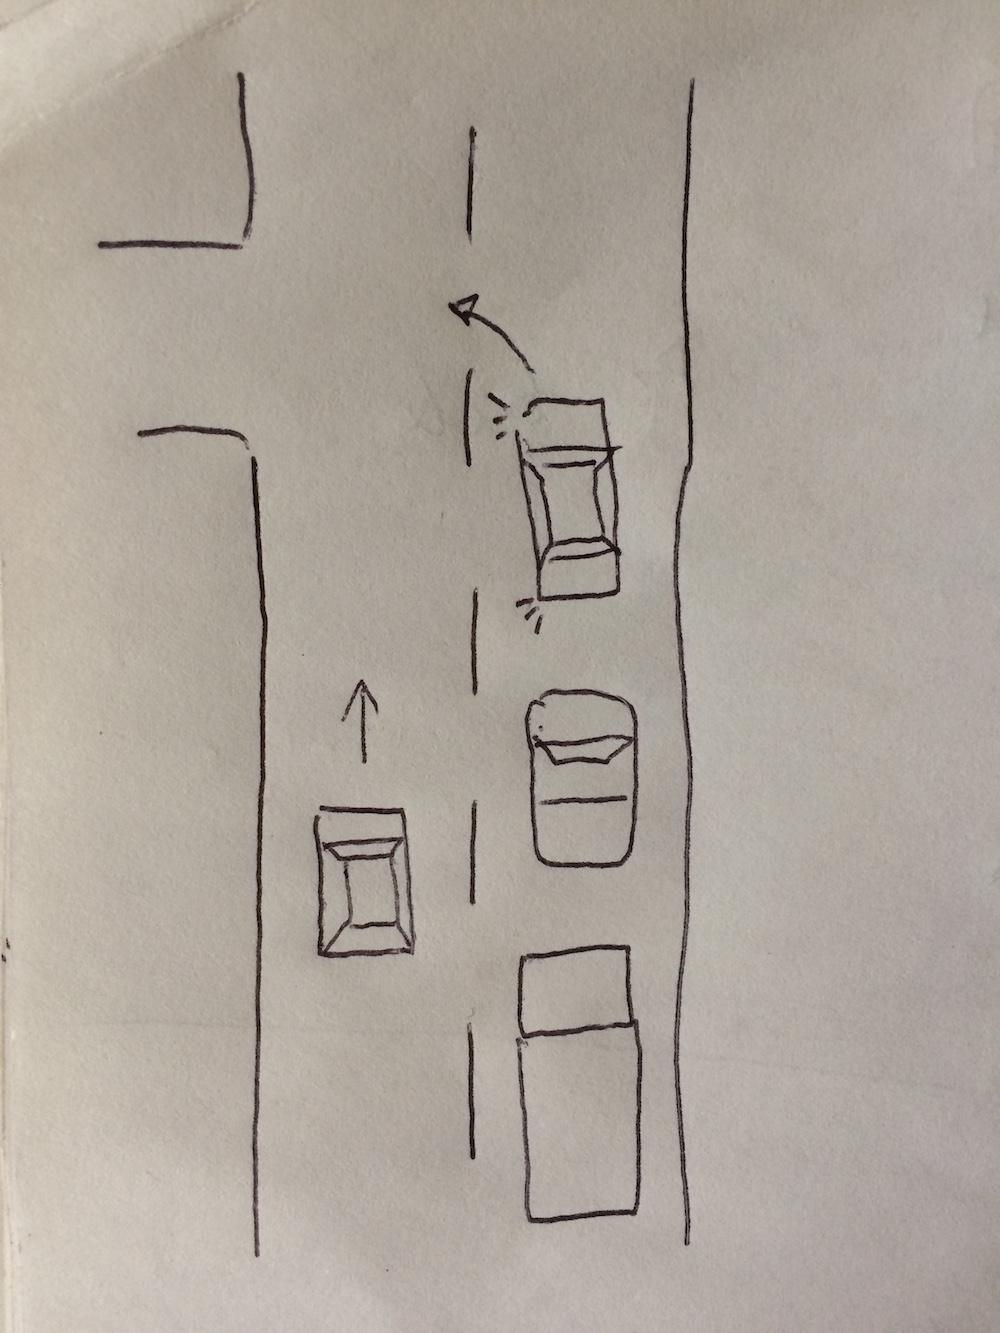 wyprzedzanie a skręt w lewo